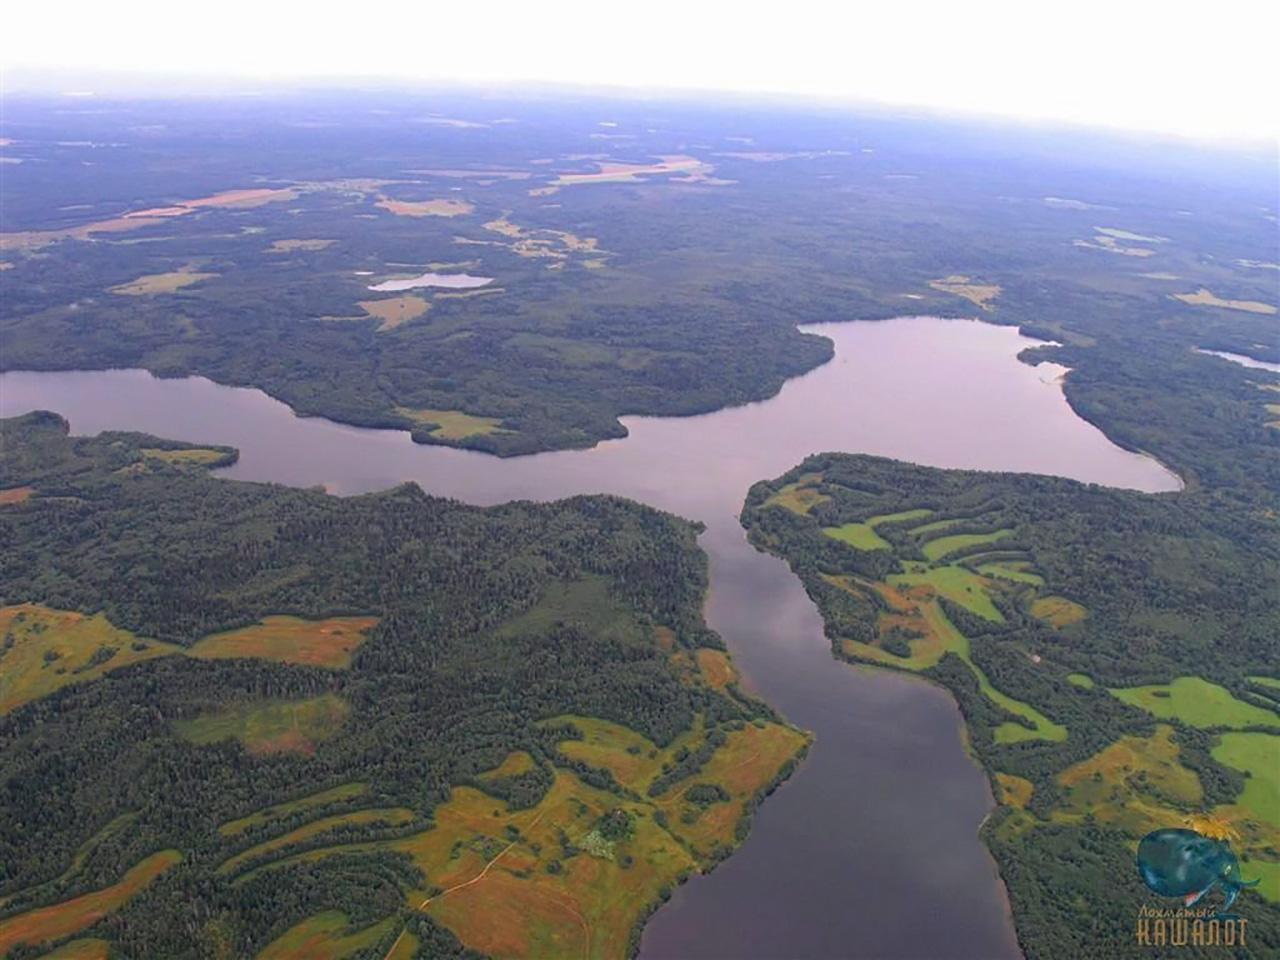 ทะเลสาบบรอสโนที่ดูลึกลับ.